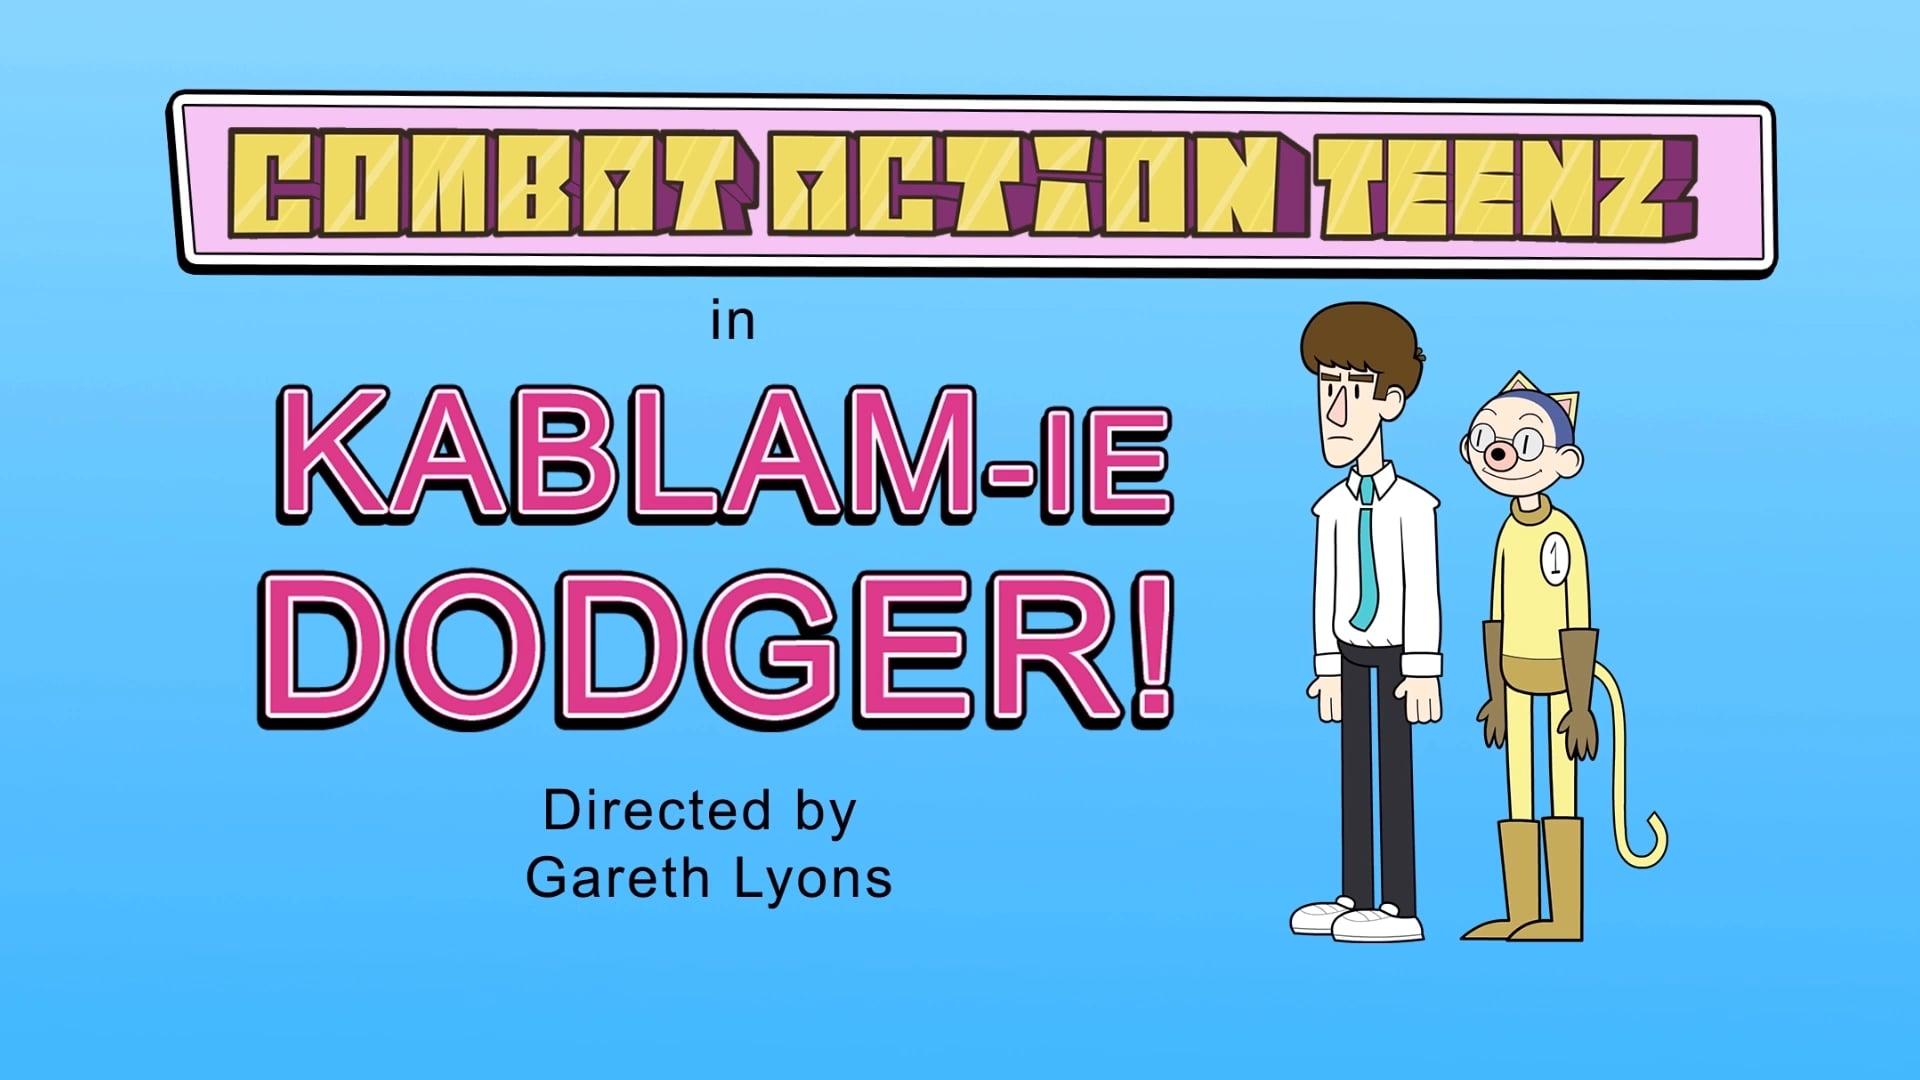 Combat Action Teenz in Kablam-ie Dodger!